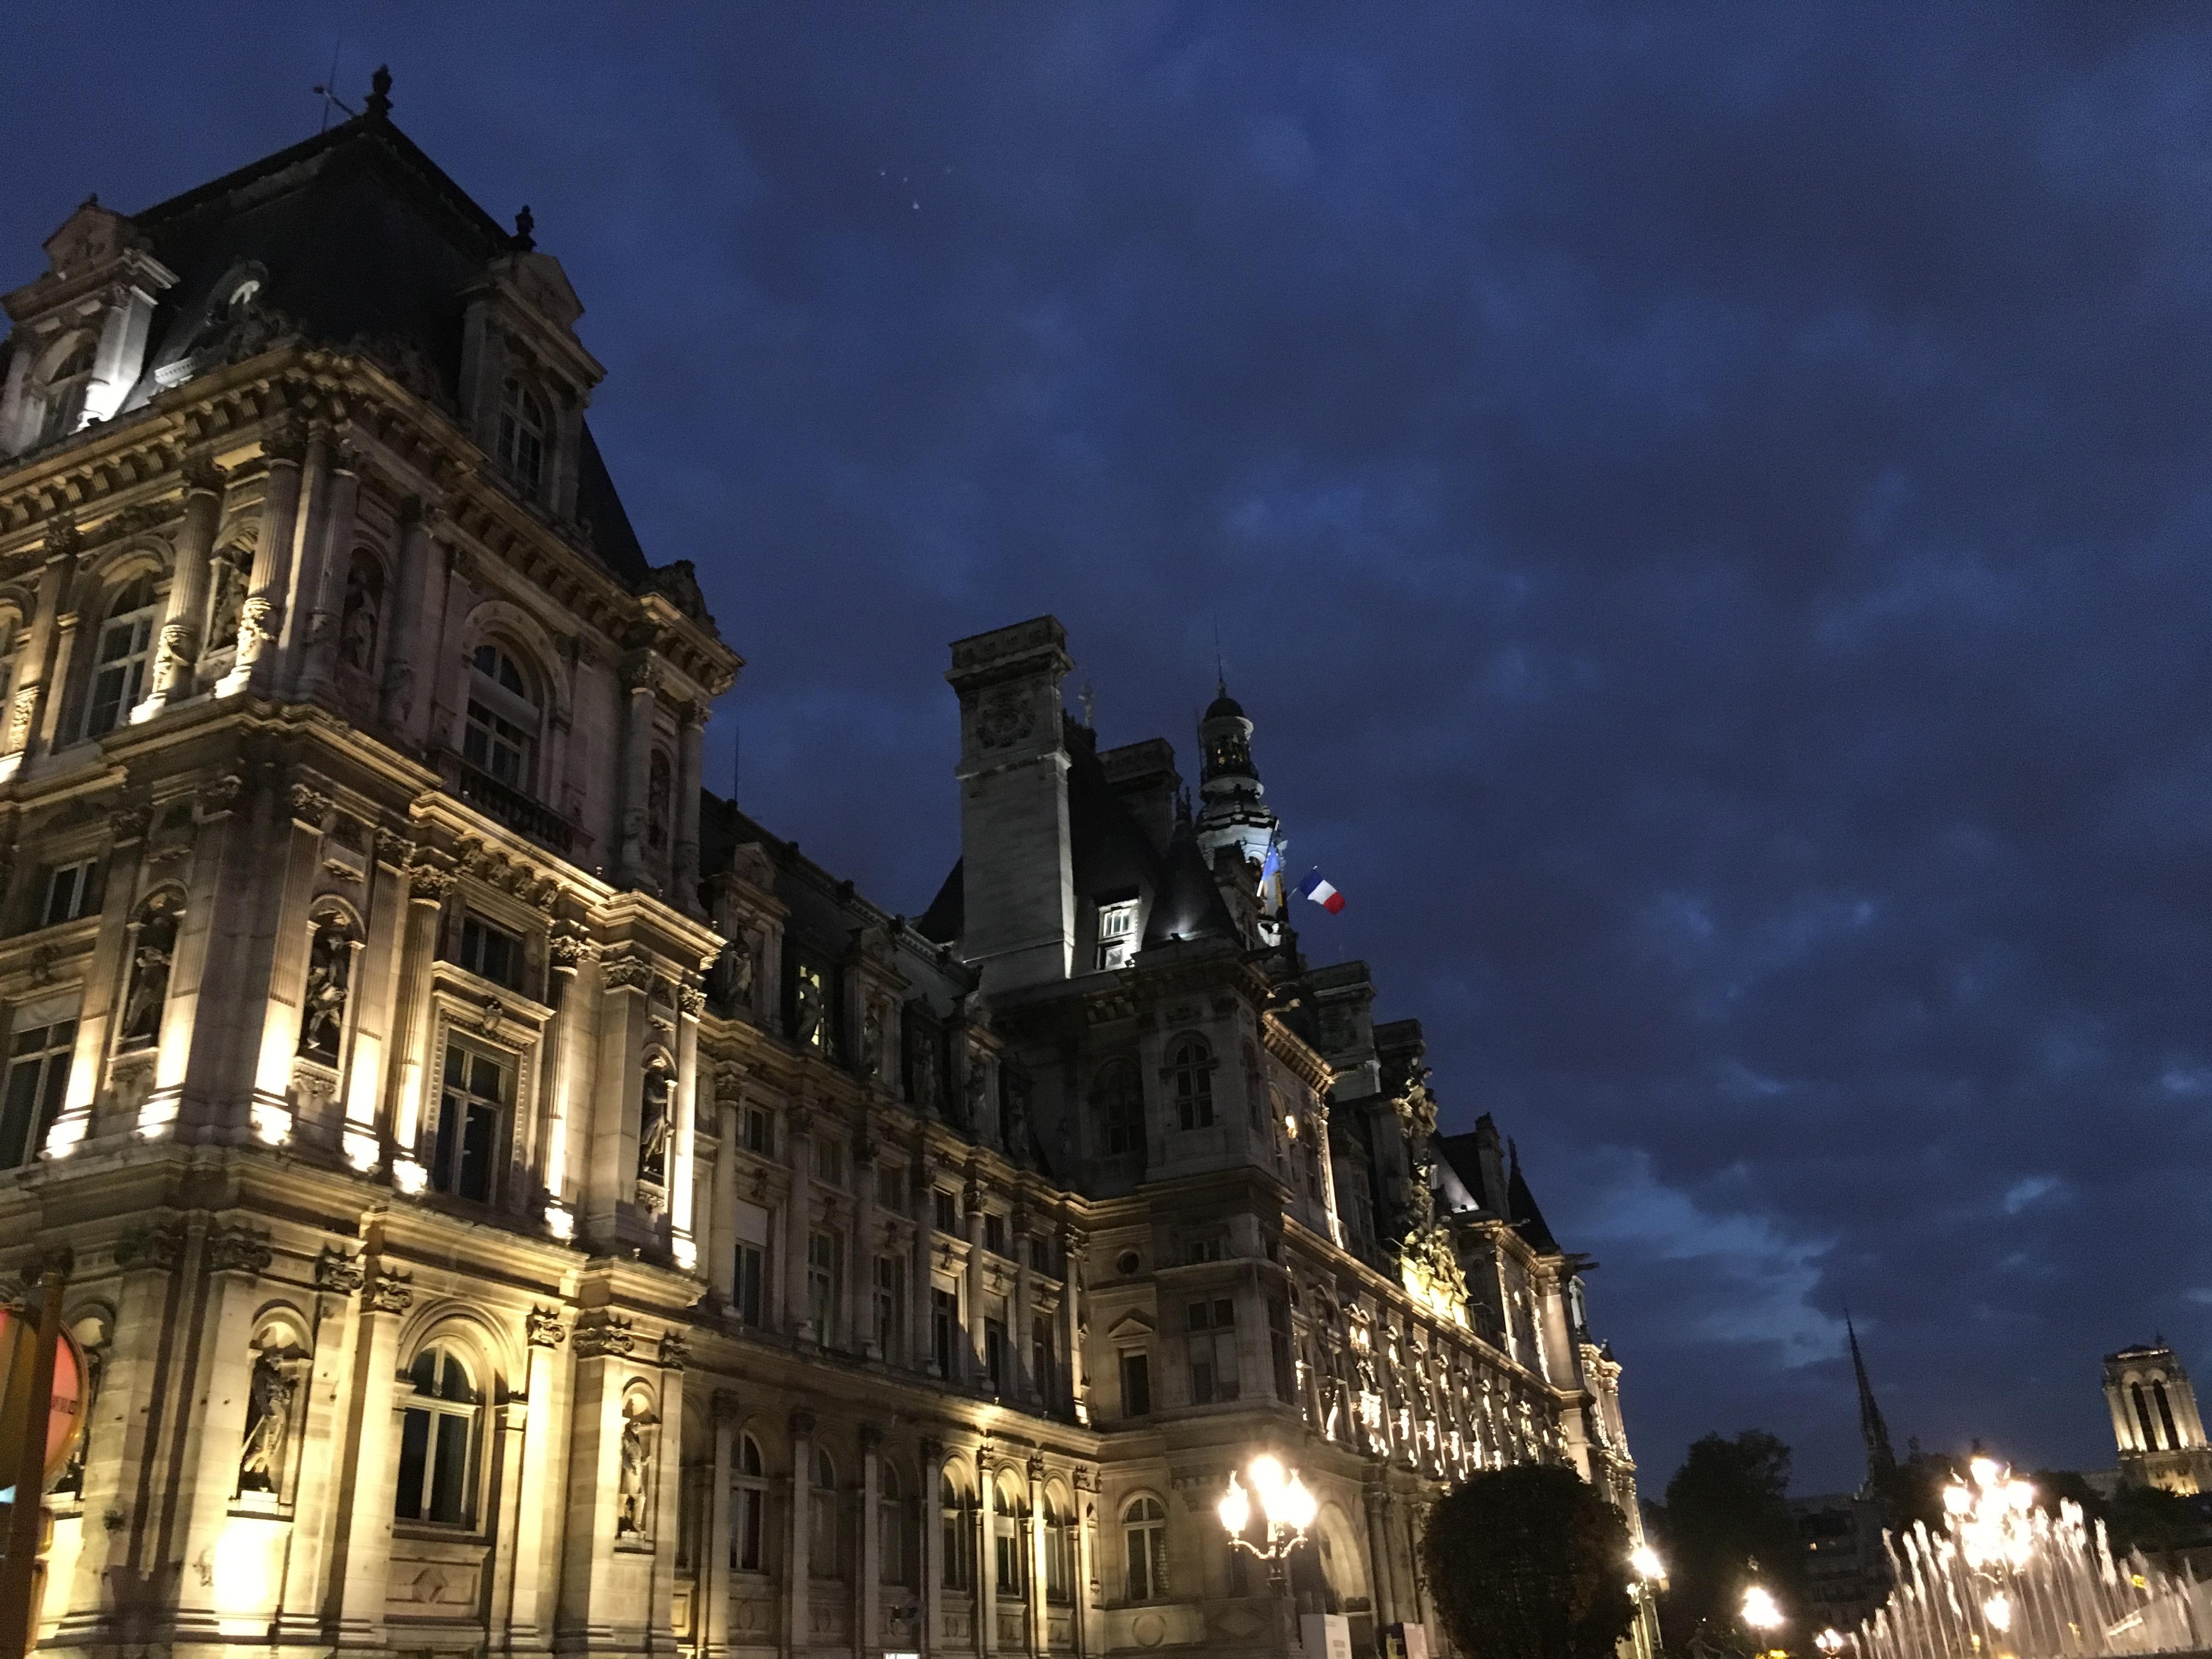 Hotel de ville nuit